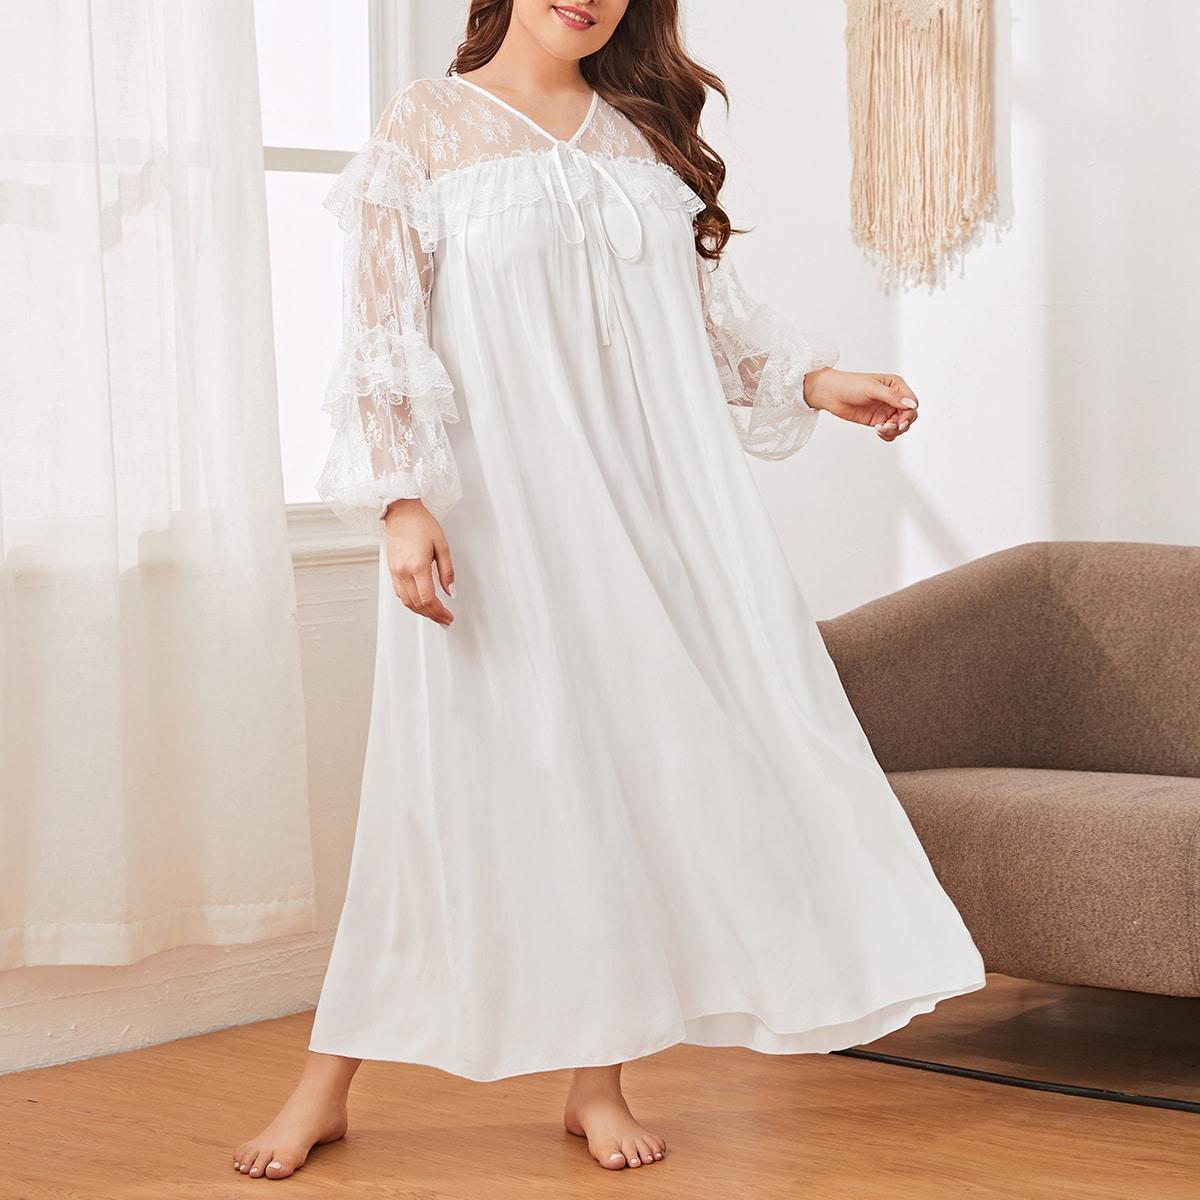 Ночная рубашка размера плюс с сетчатой отделкой, узлом и вышивкой